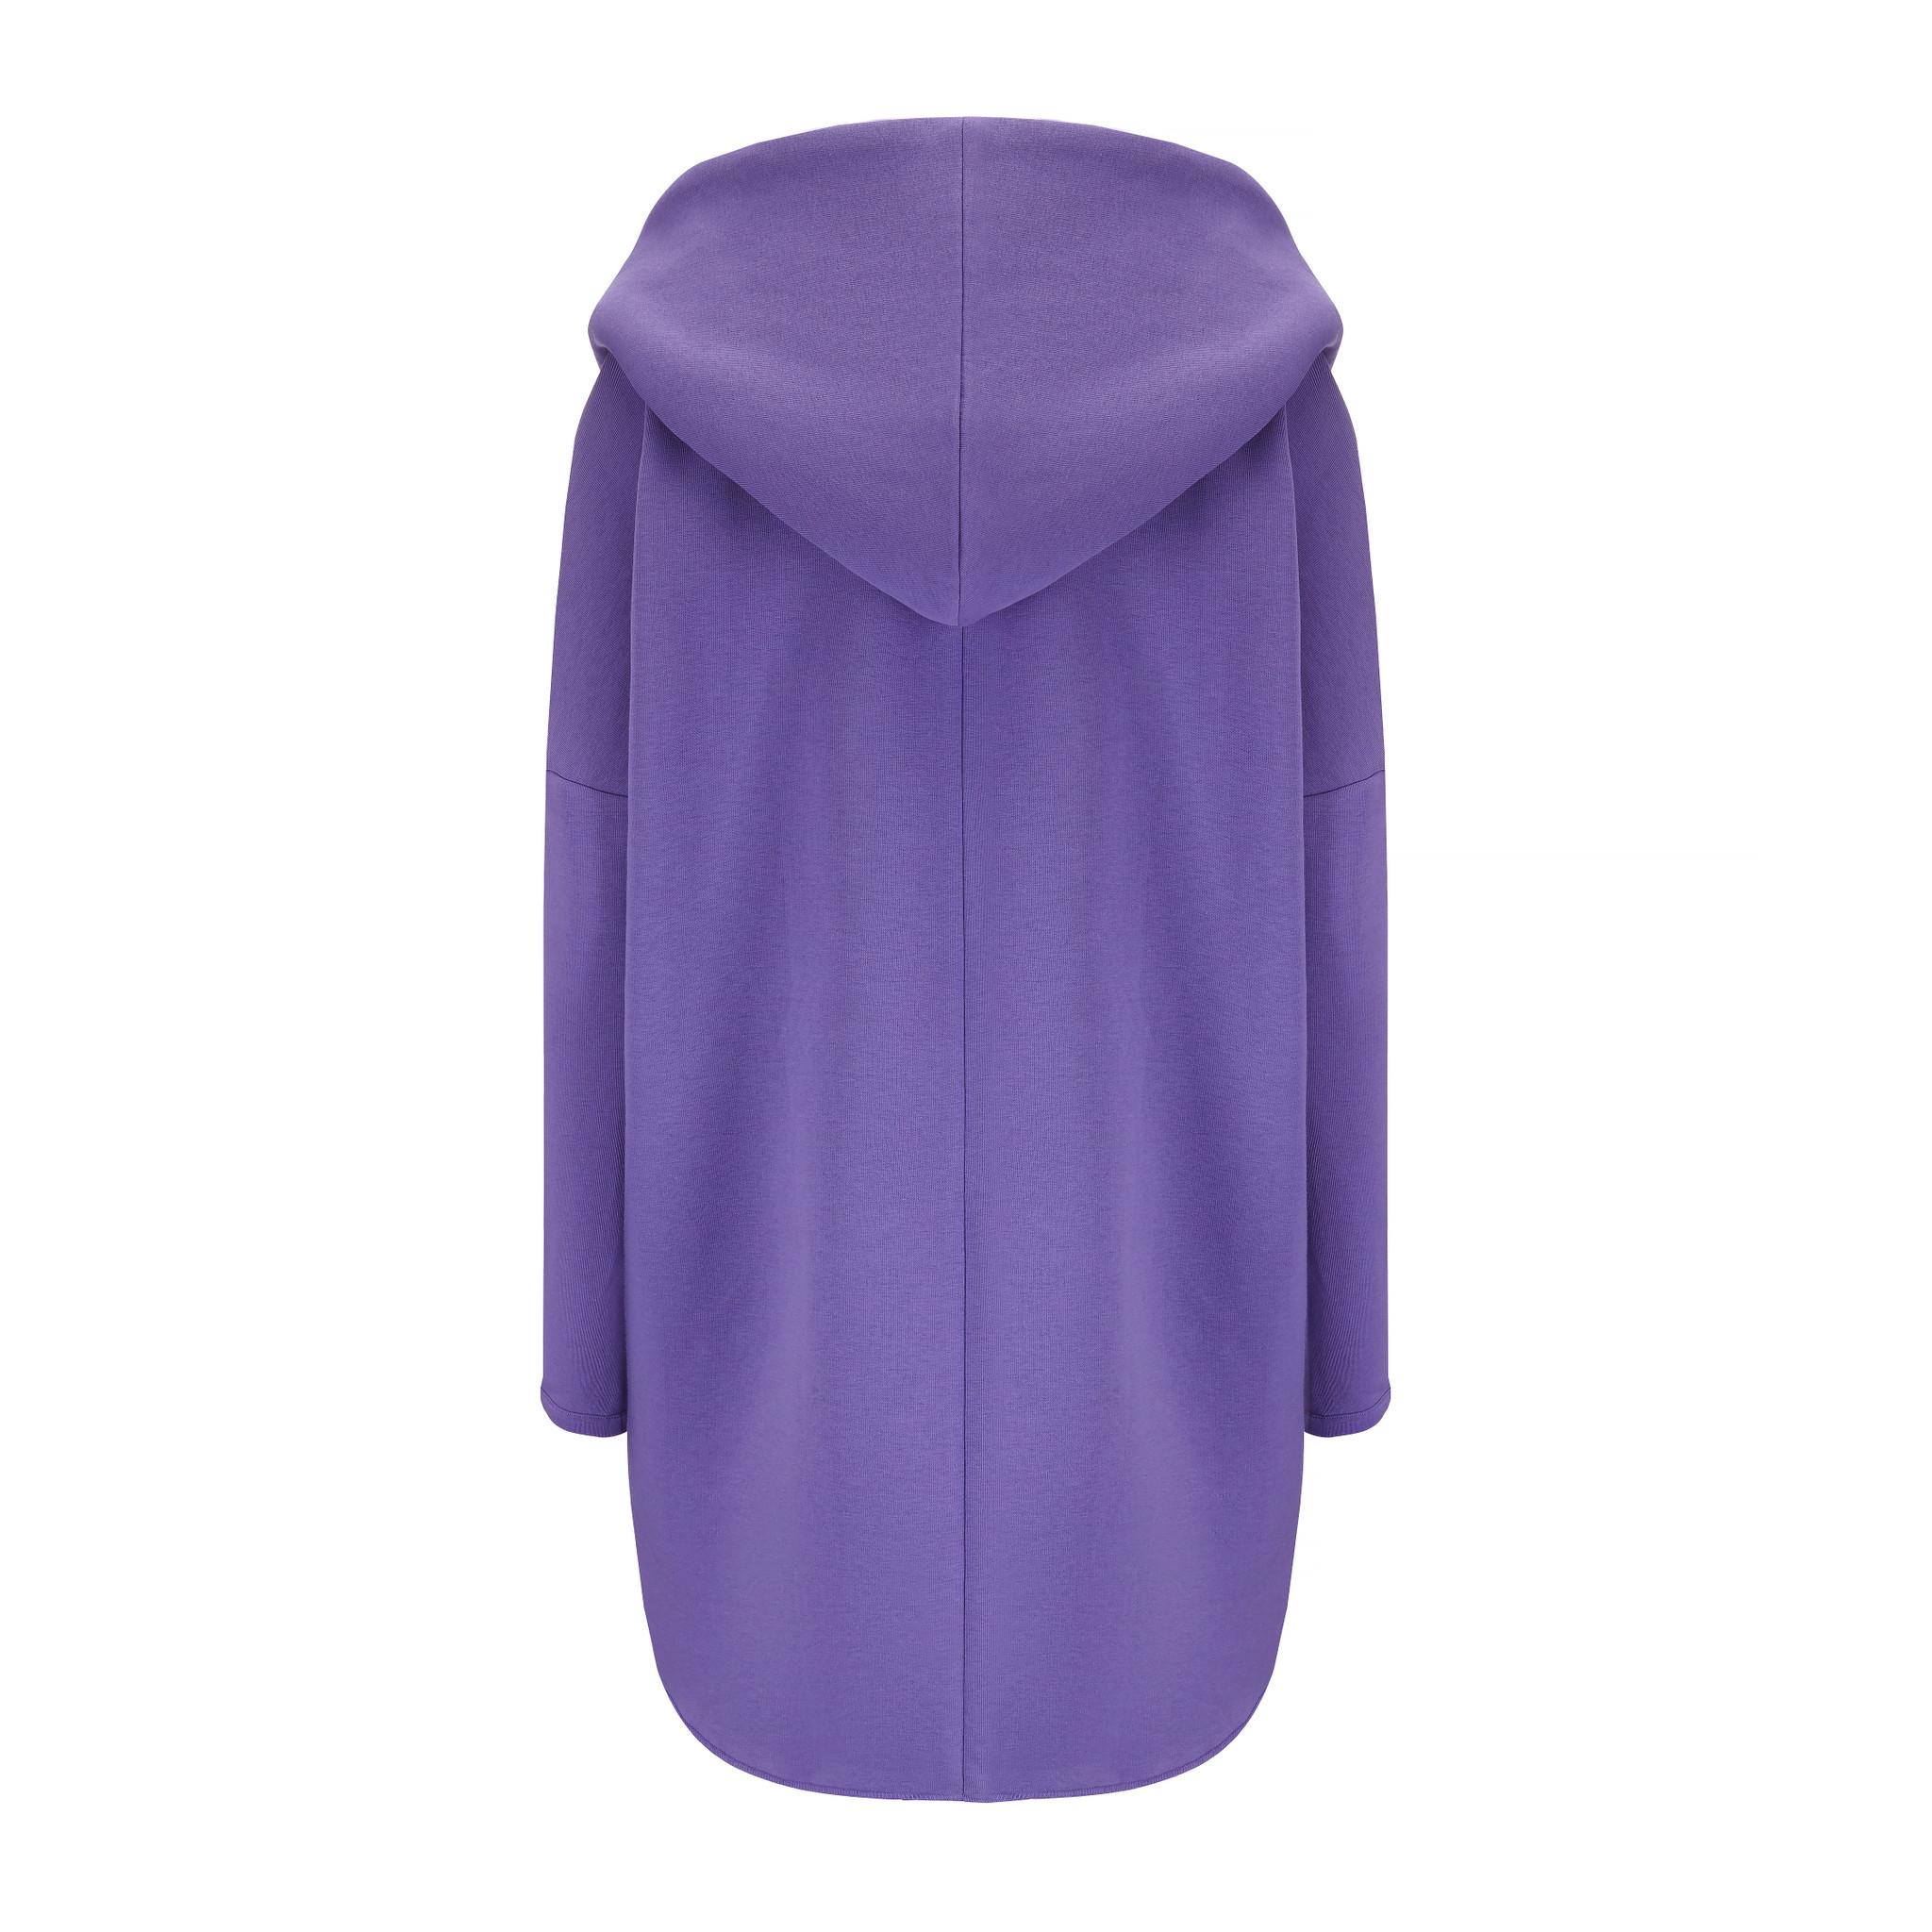 Ciepła peleryna z kapturem w kolorze fioletowym MKTP - Slow Store | JestemSlow.pl